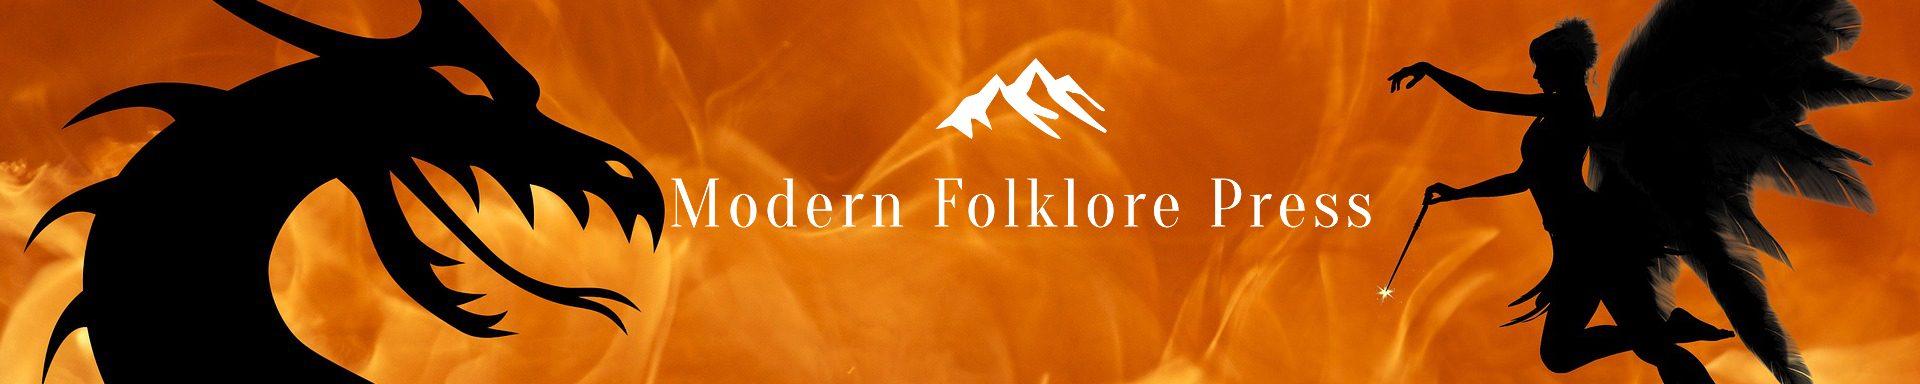 Modern Folklore Press